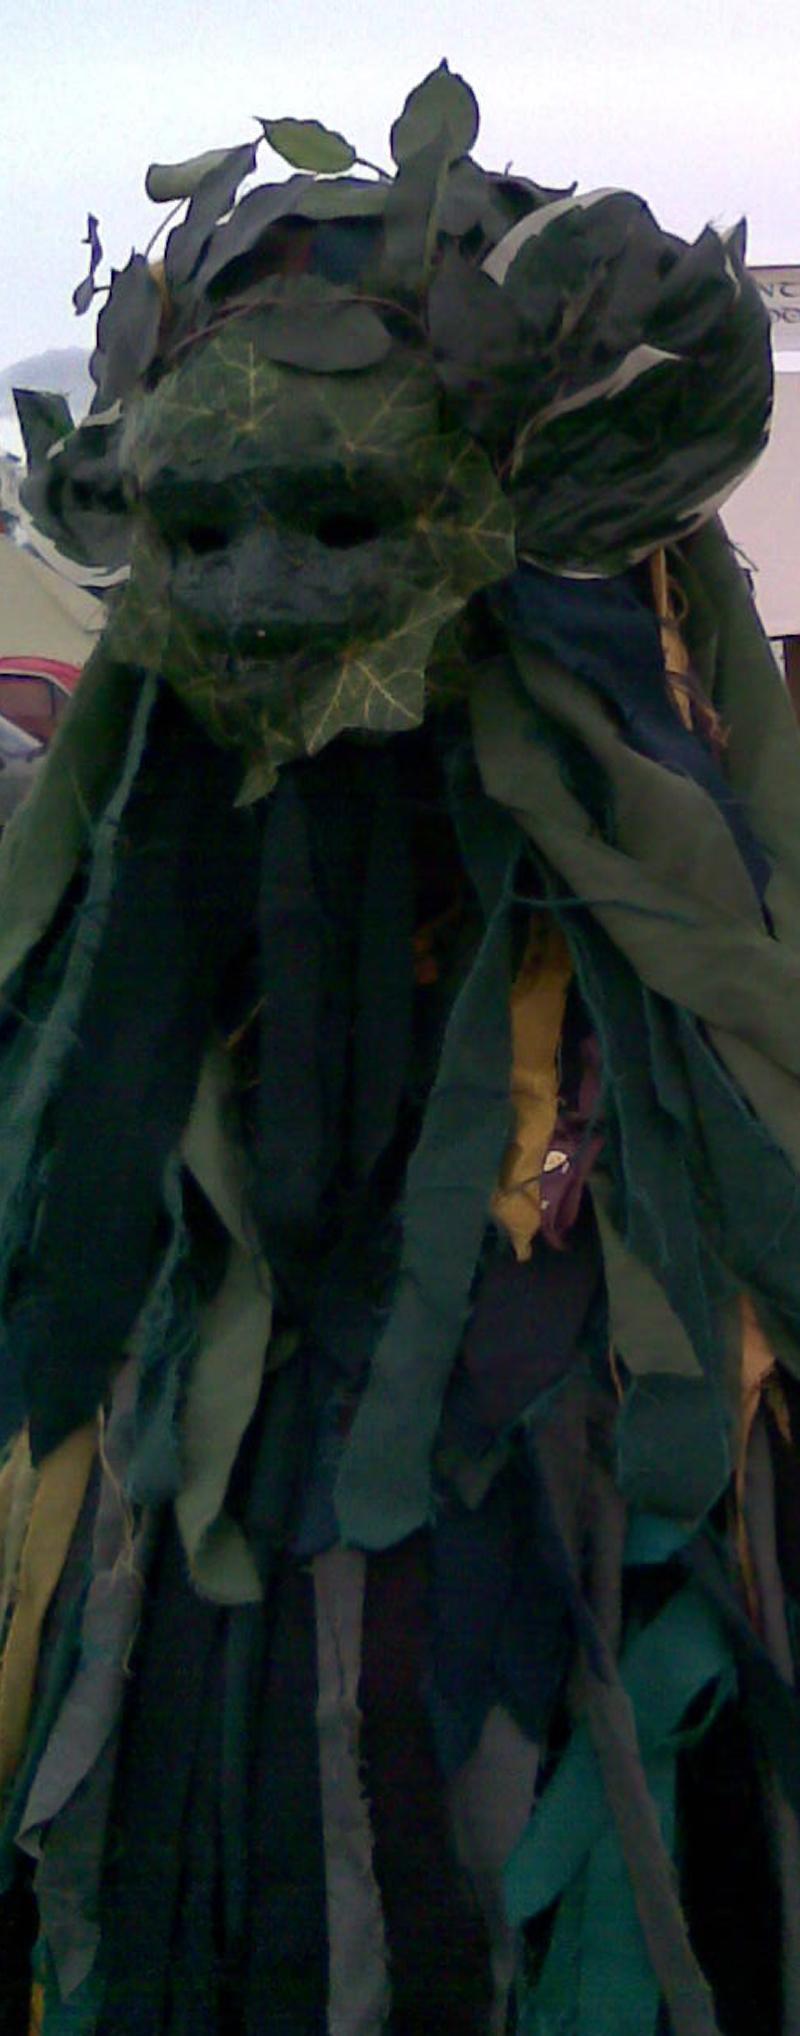 The Green Man by saxonraven